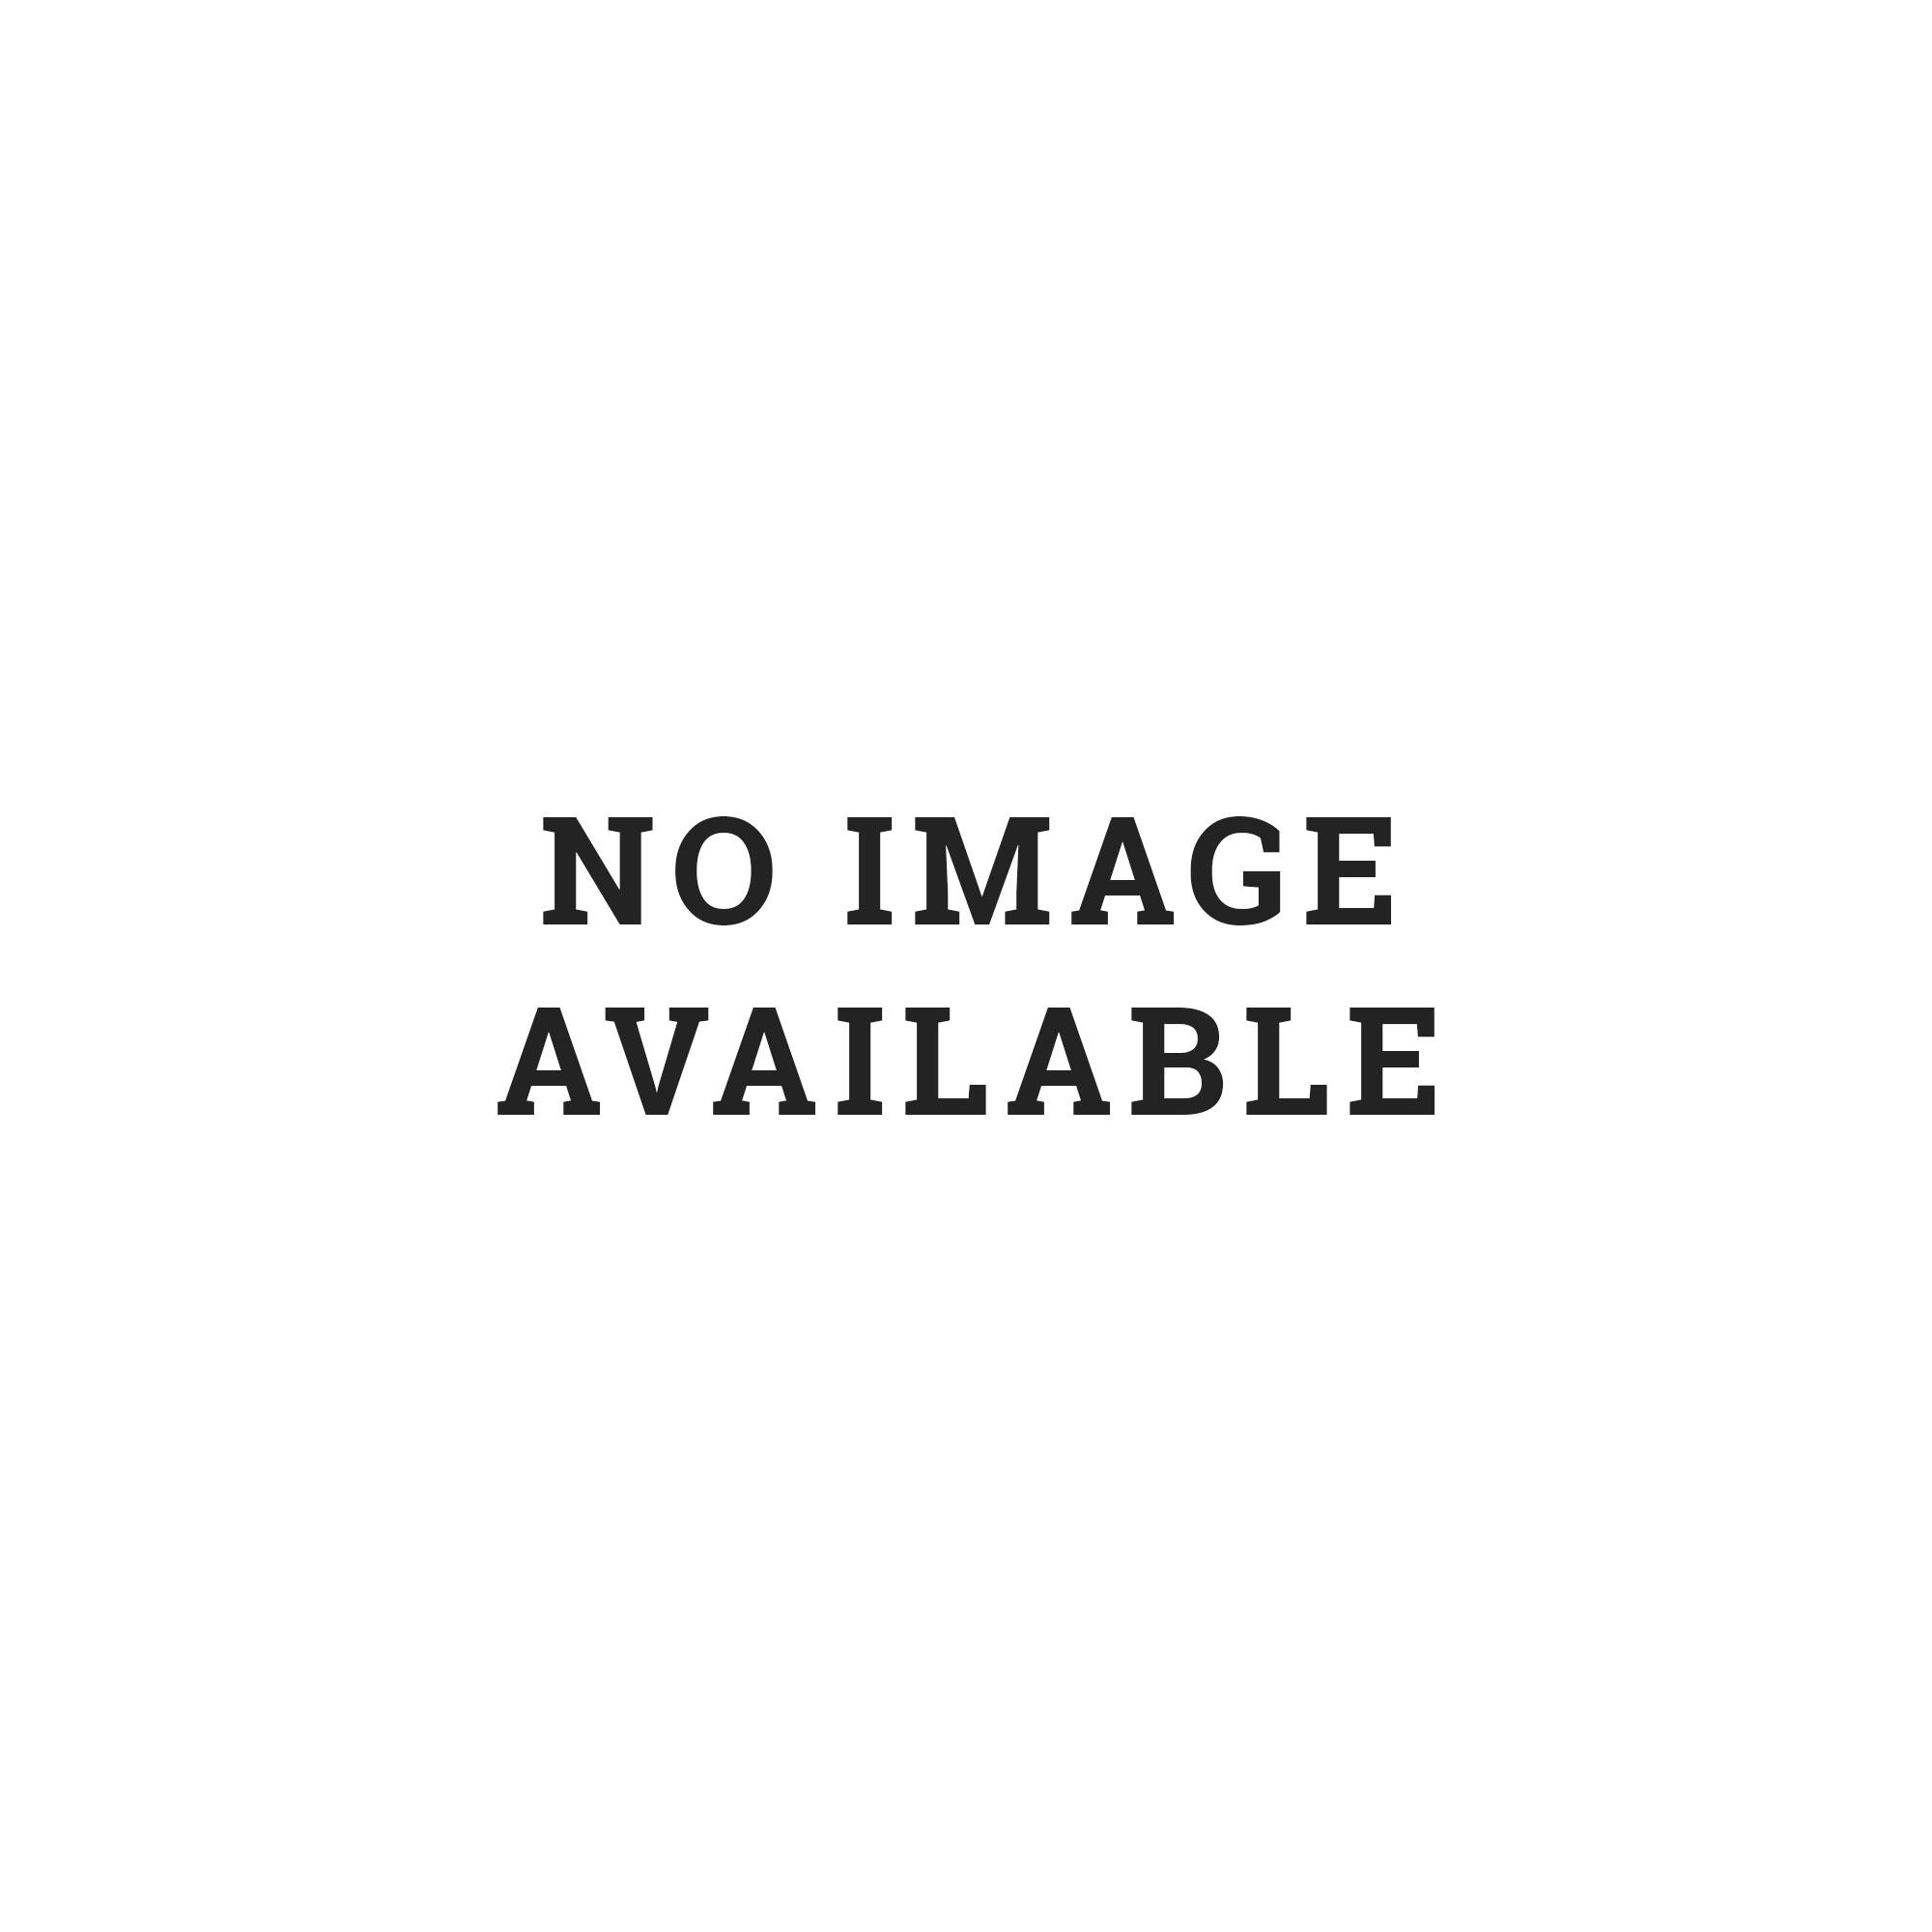 ef95de930b01d1 Buy VANS Unisex VANS AUTHENTIC SKATE SHOES. Shop every store on the ...